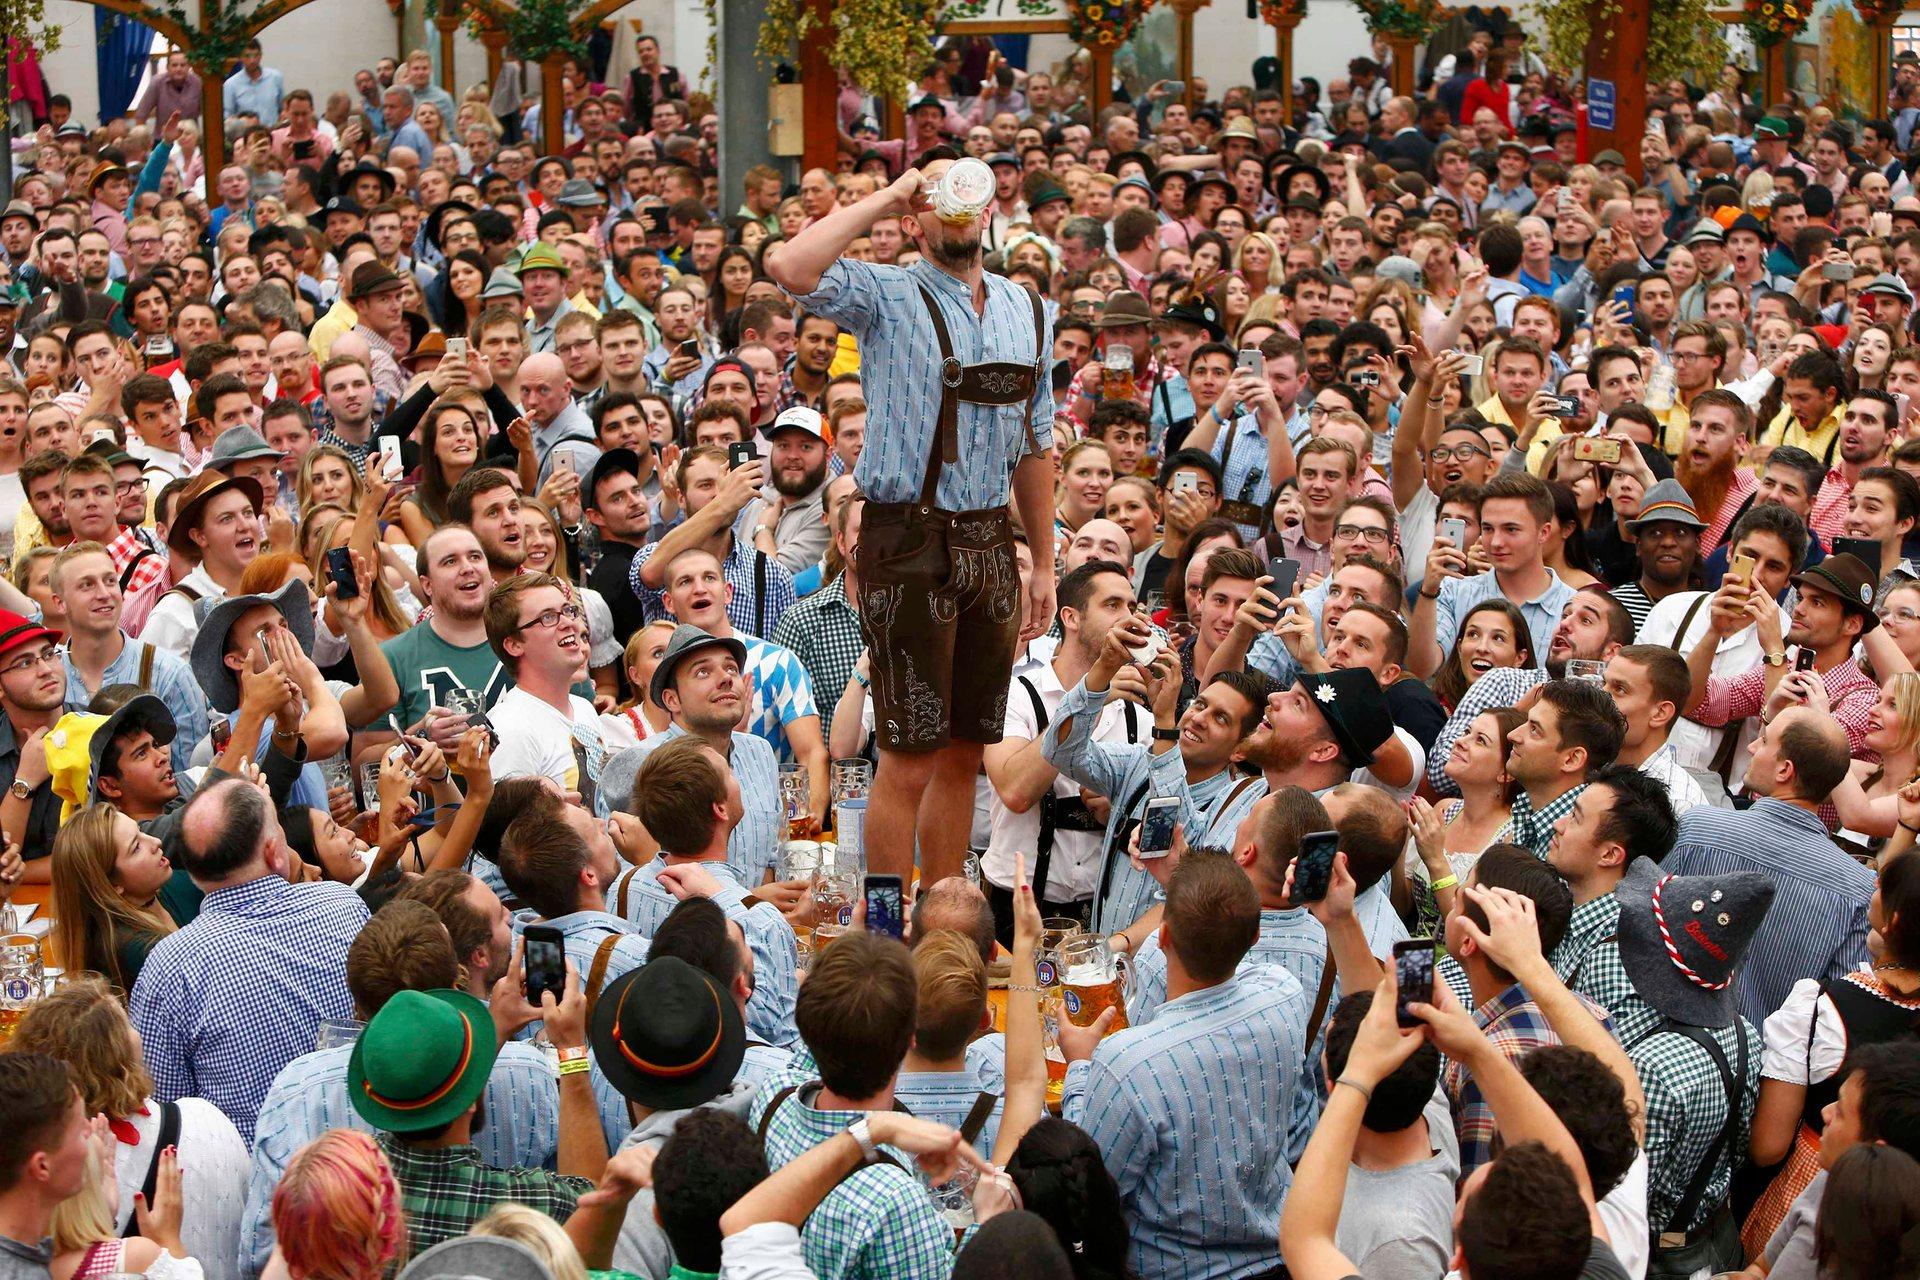 В среднем, каждый посетитель «Октоберфеста» выпивает 7,7 литров пива. Фото: Michaela Rehle/Reuters